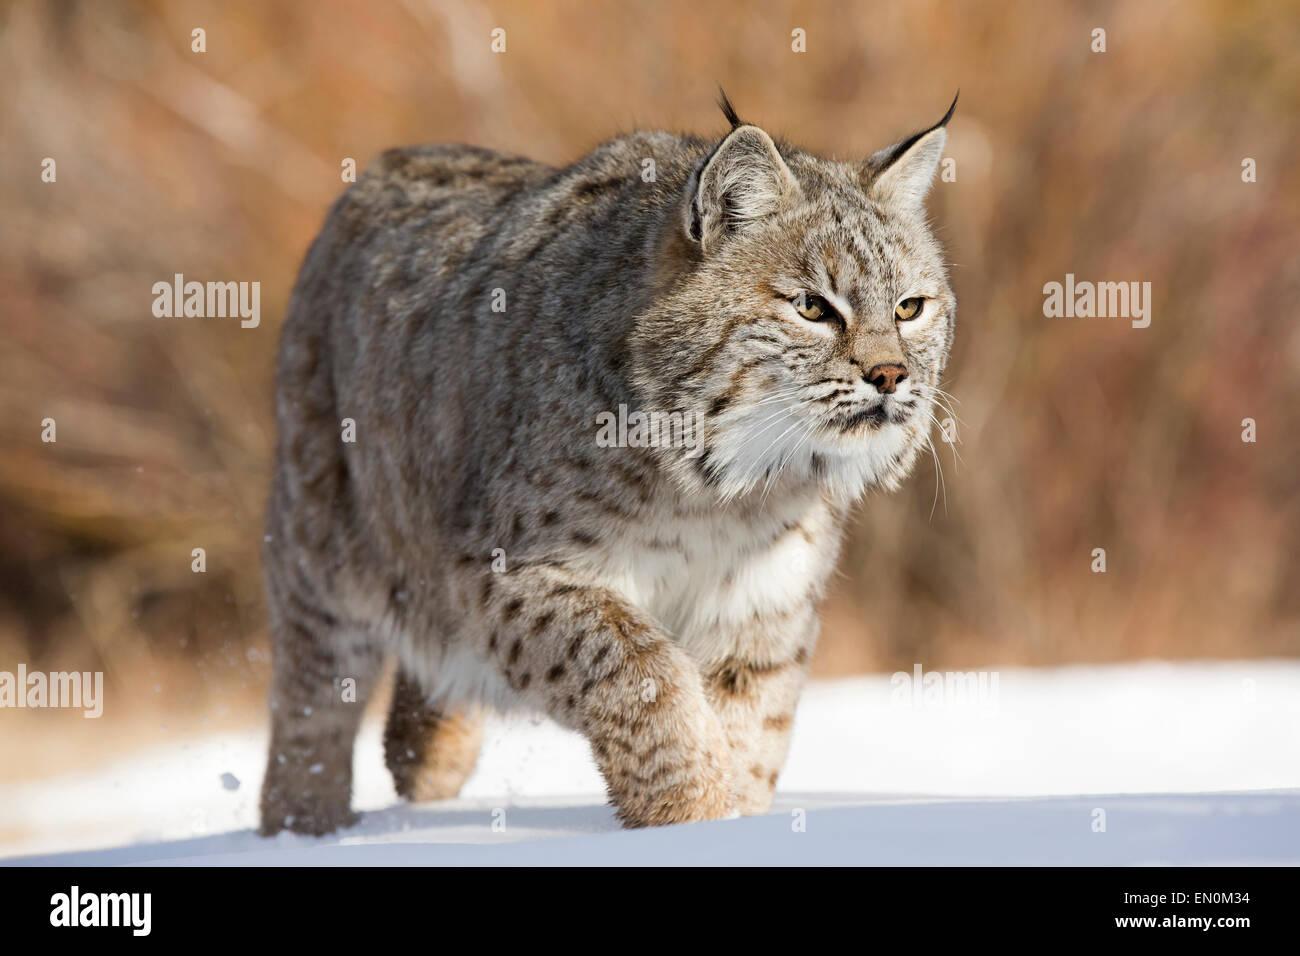 Lynx (Felis rufus) marcher dans la neige à la recherche de nourriture Photo Stock